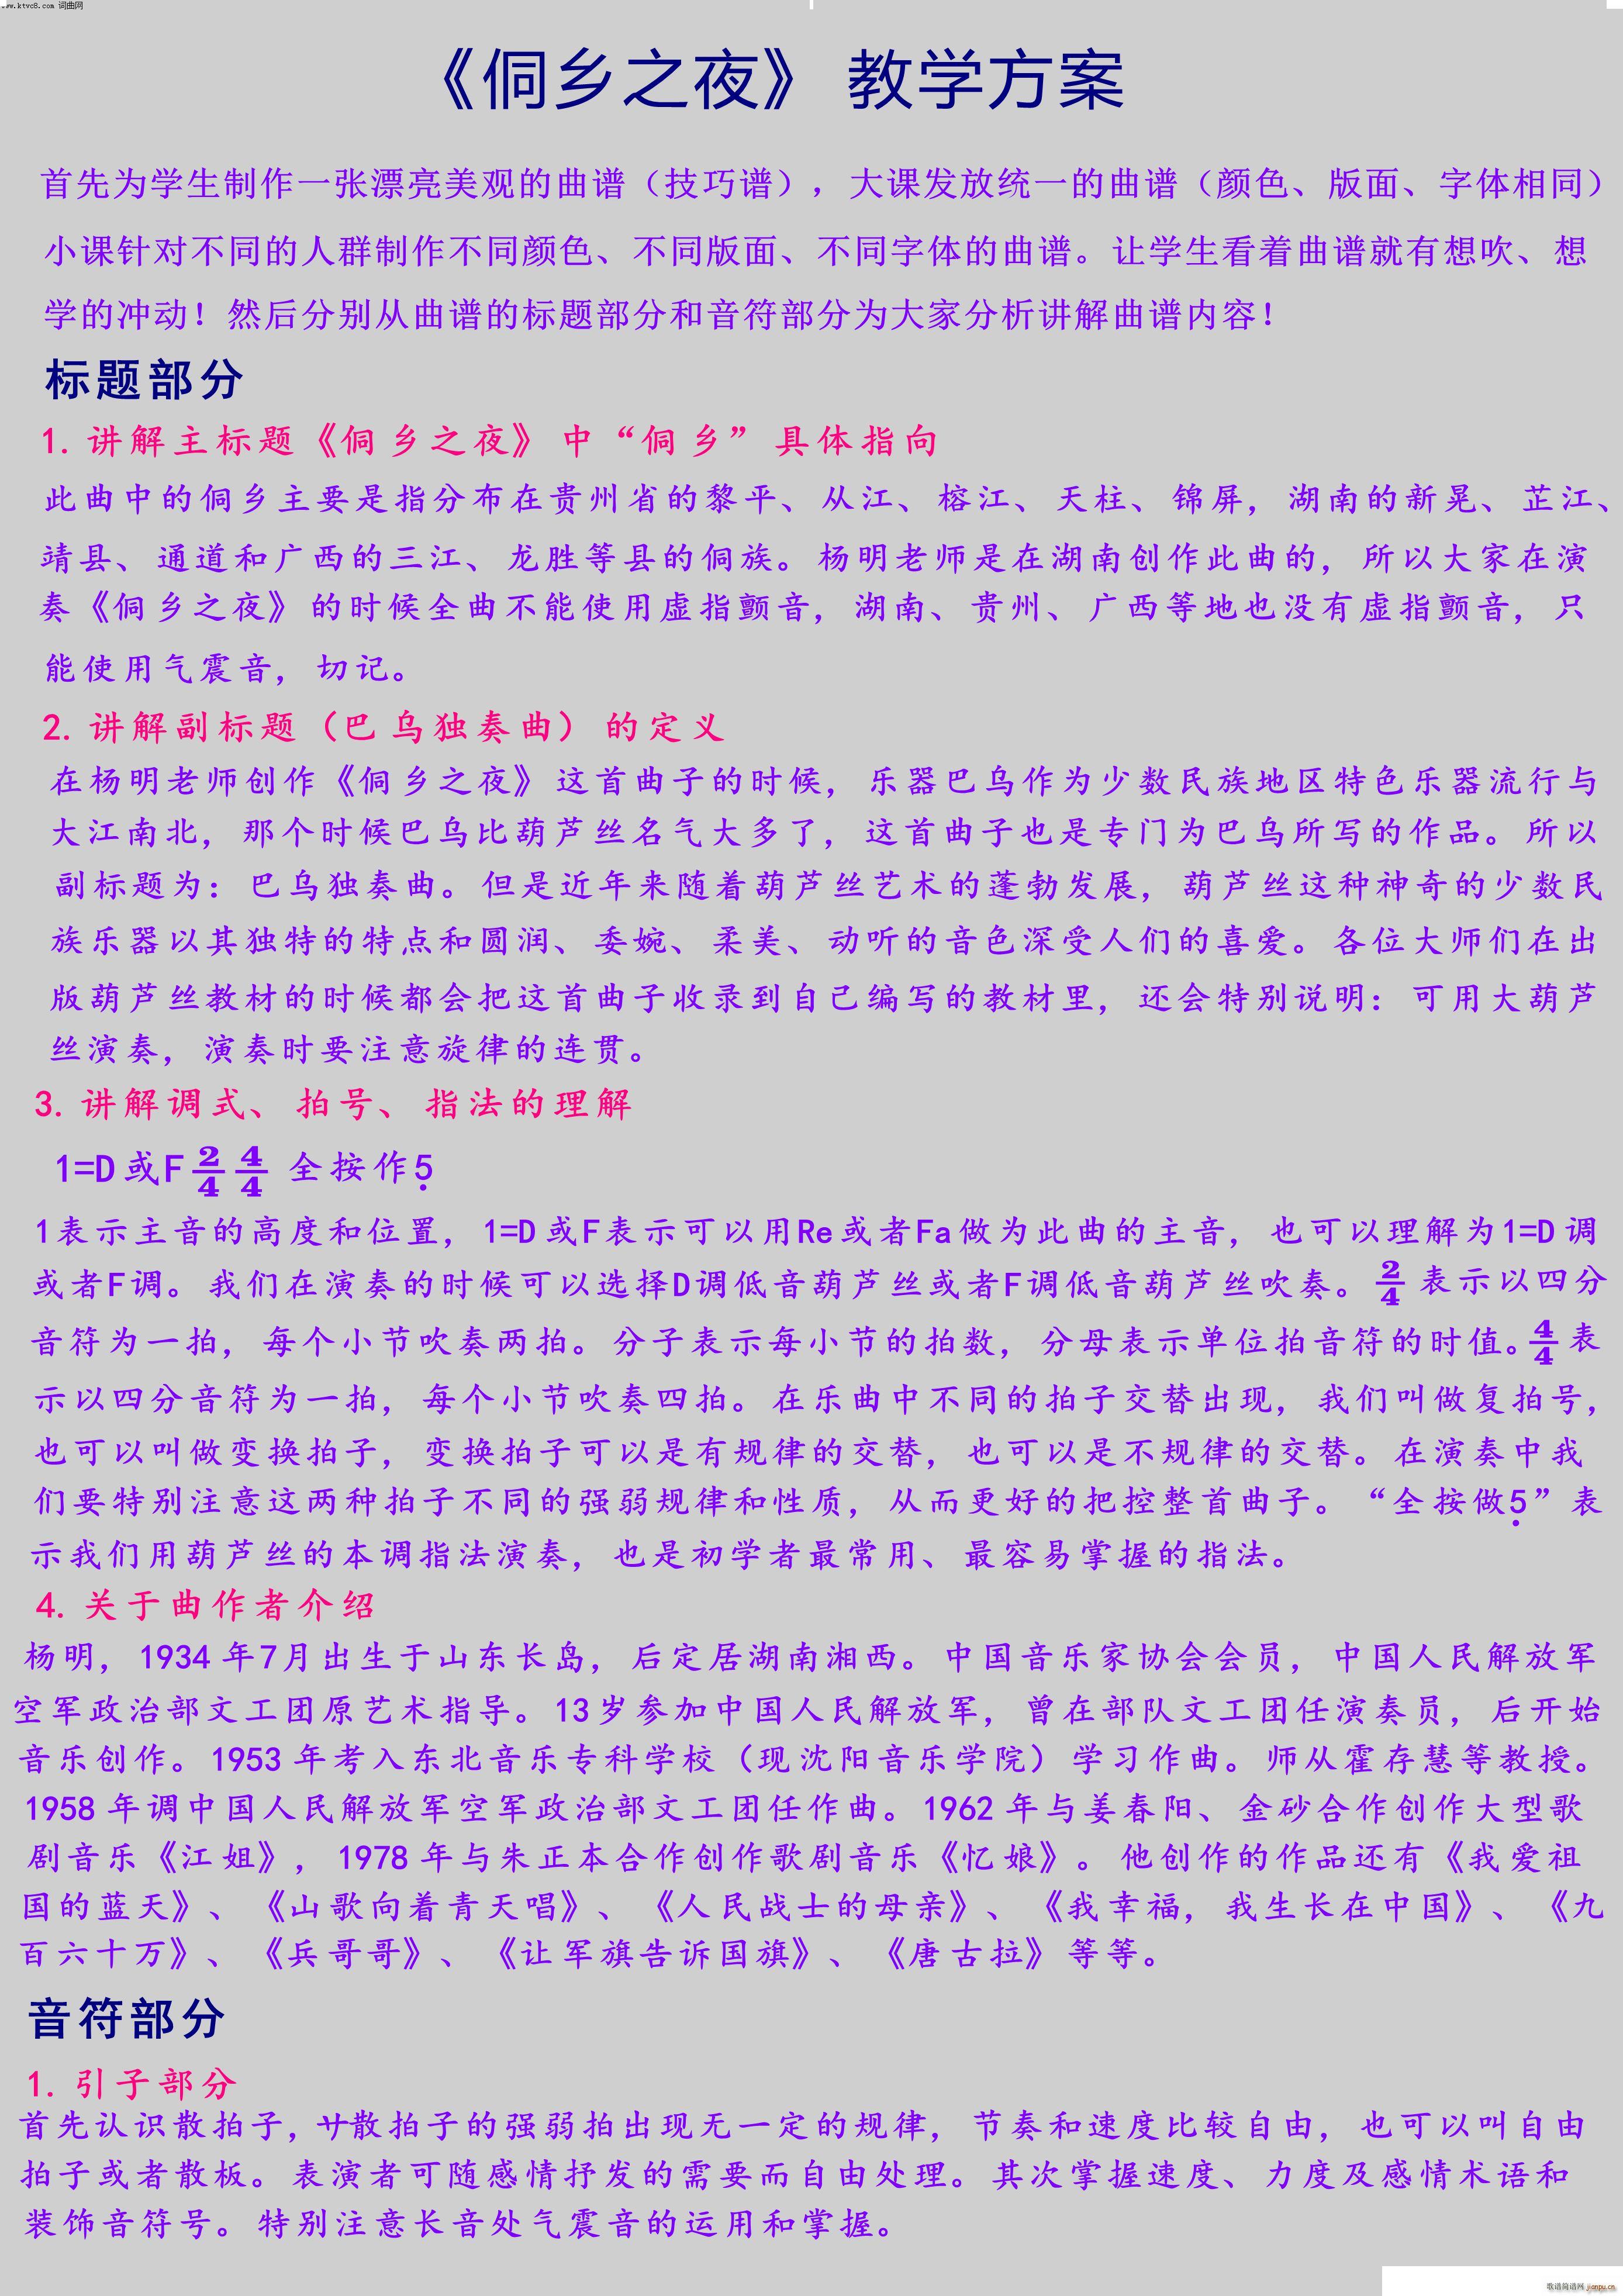 侗乡之夜教学参考(葫芦丝谱)1